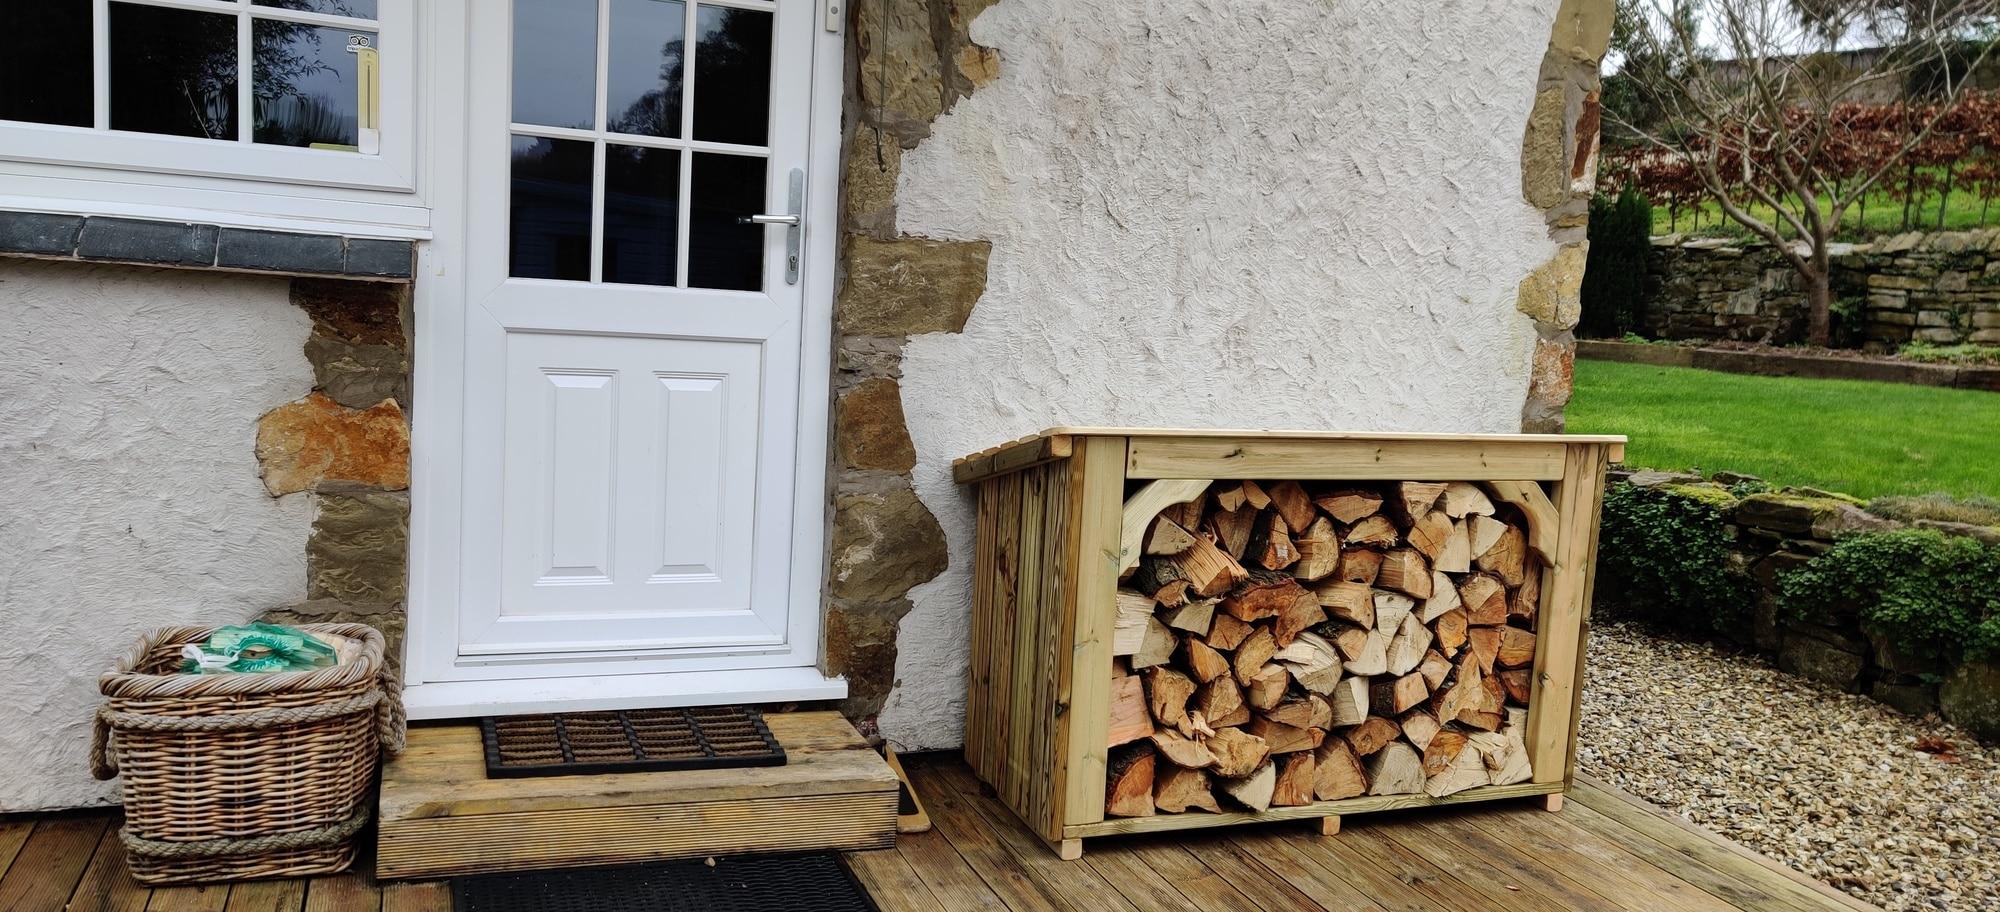 Mejore su hogar con una tienda de troncos de Coppice de calidad